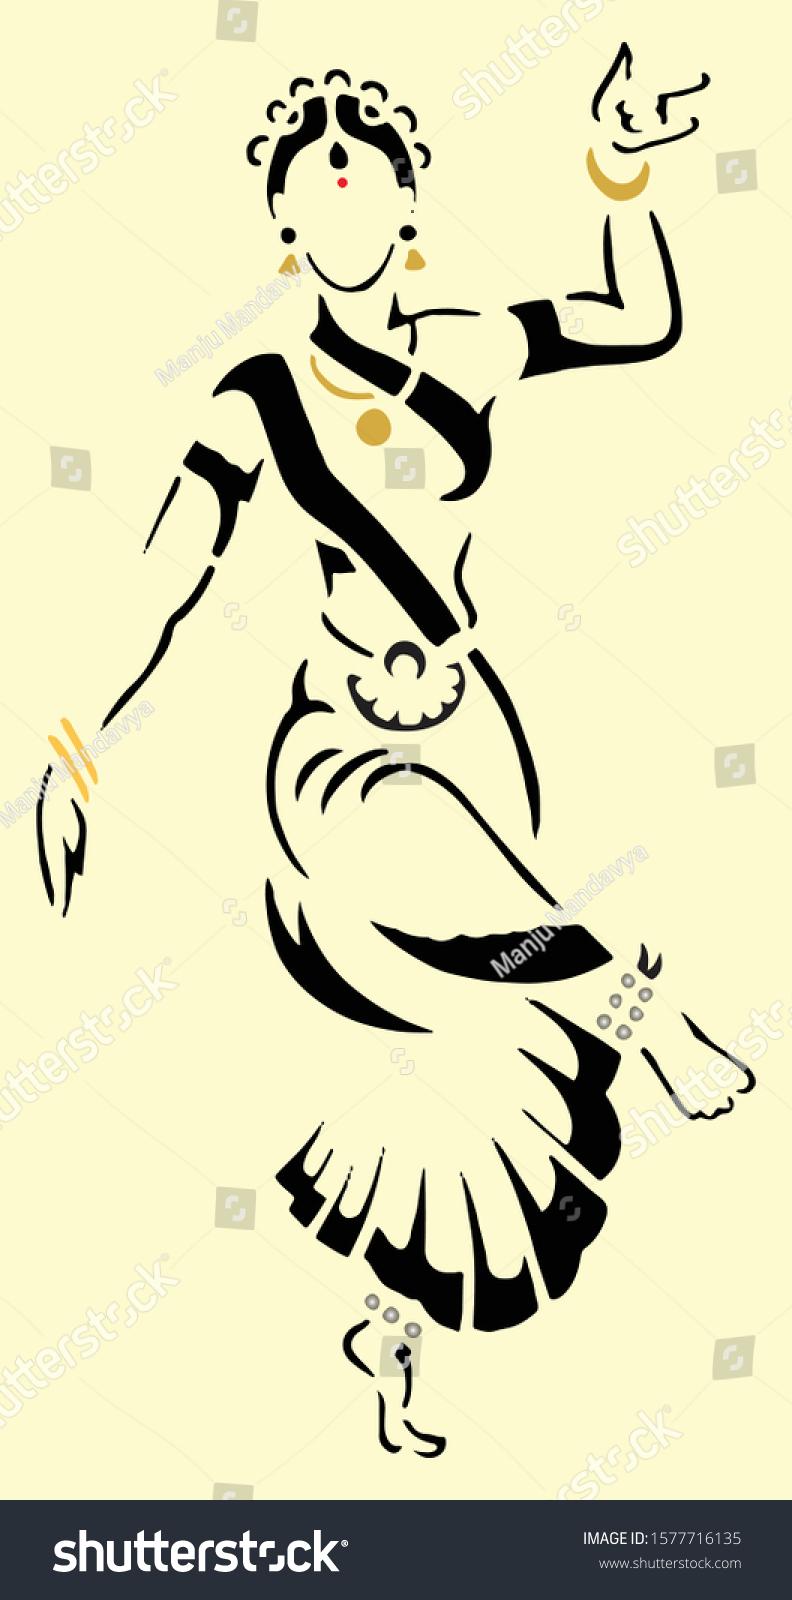 Drawing Sketch Abstract Bharatanatyam Dancing Pose Stock Vector Royalty Free 1577716135